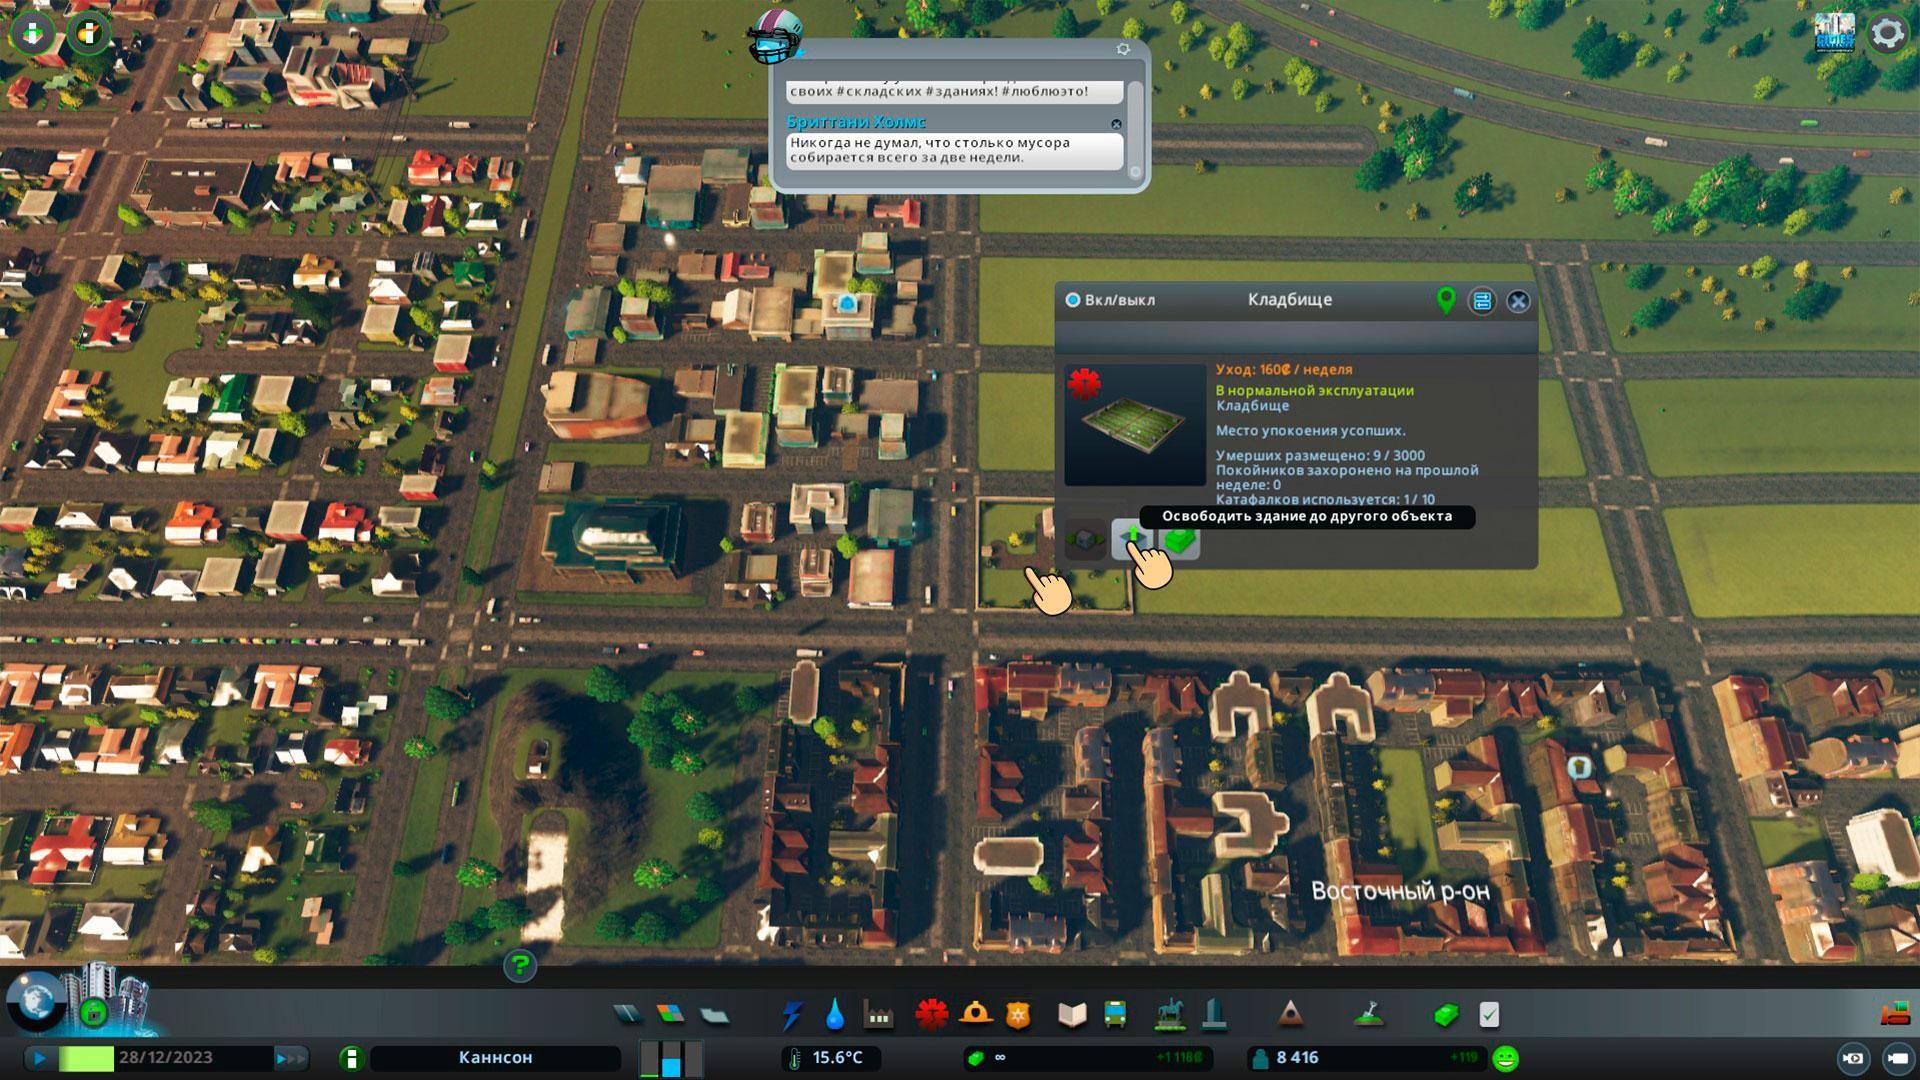 кладбище cities skylines